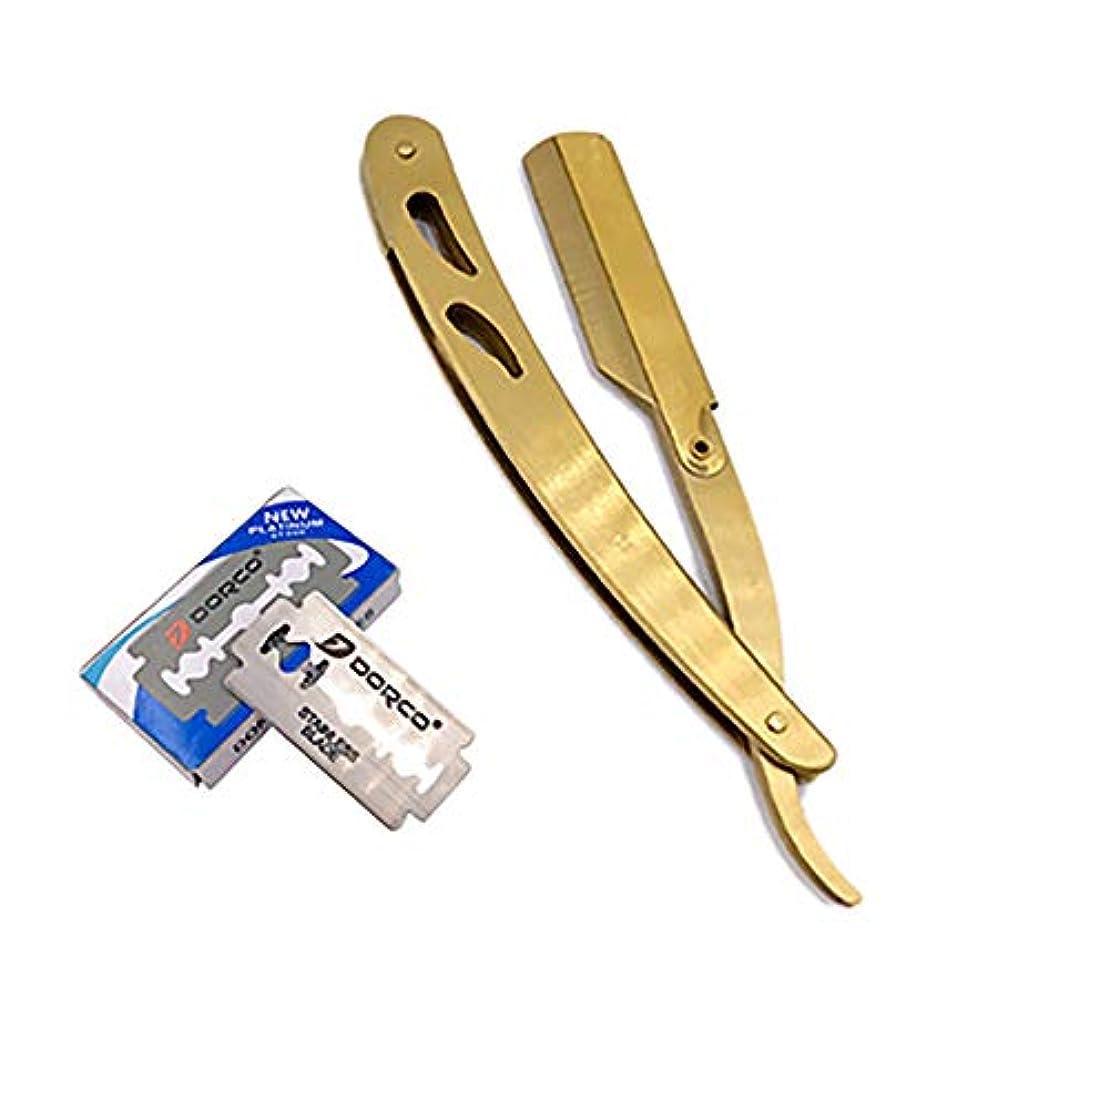 開始にやにやパブステンレス鋼ストレートかみそり、ストレートエッジかみそり折りたたみシェービングナイフマニュアルひげシェーバー理髪シェーバーツール,Gold